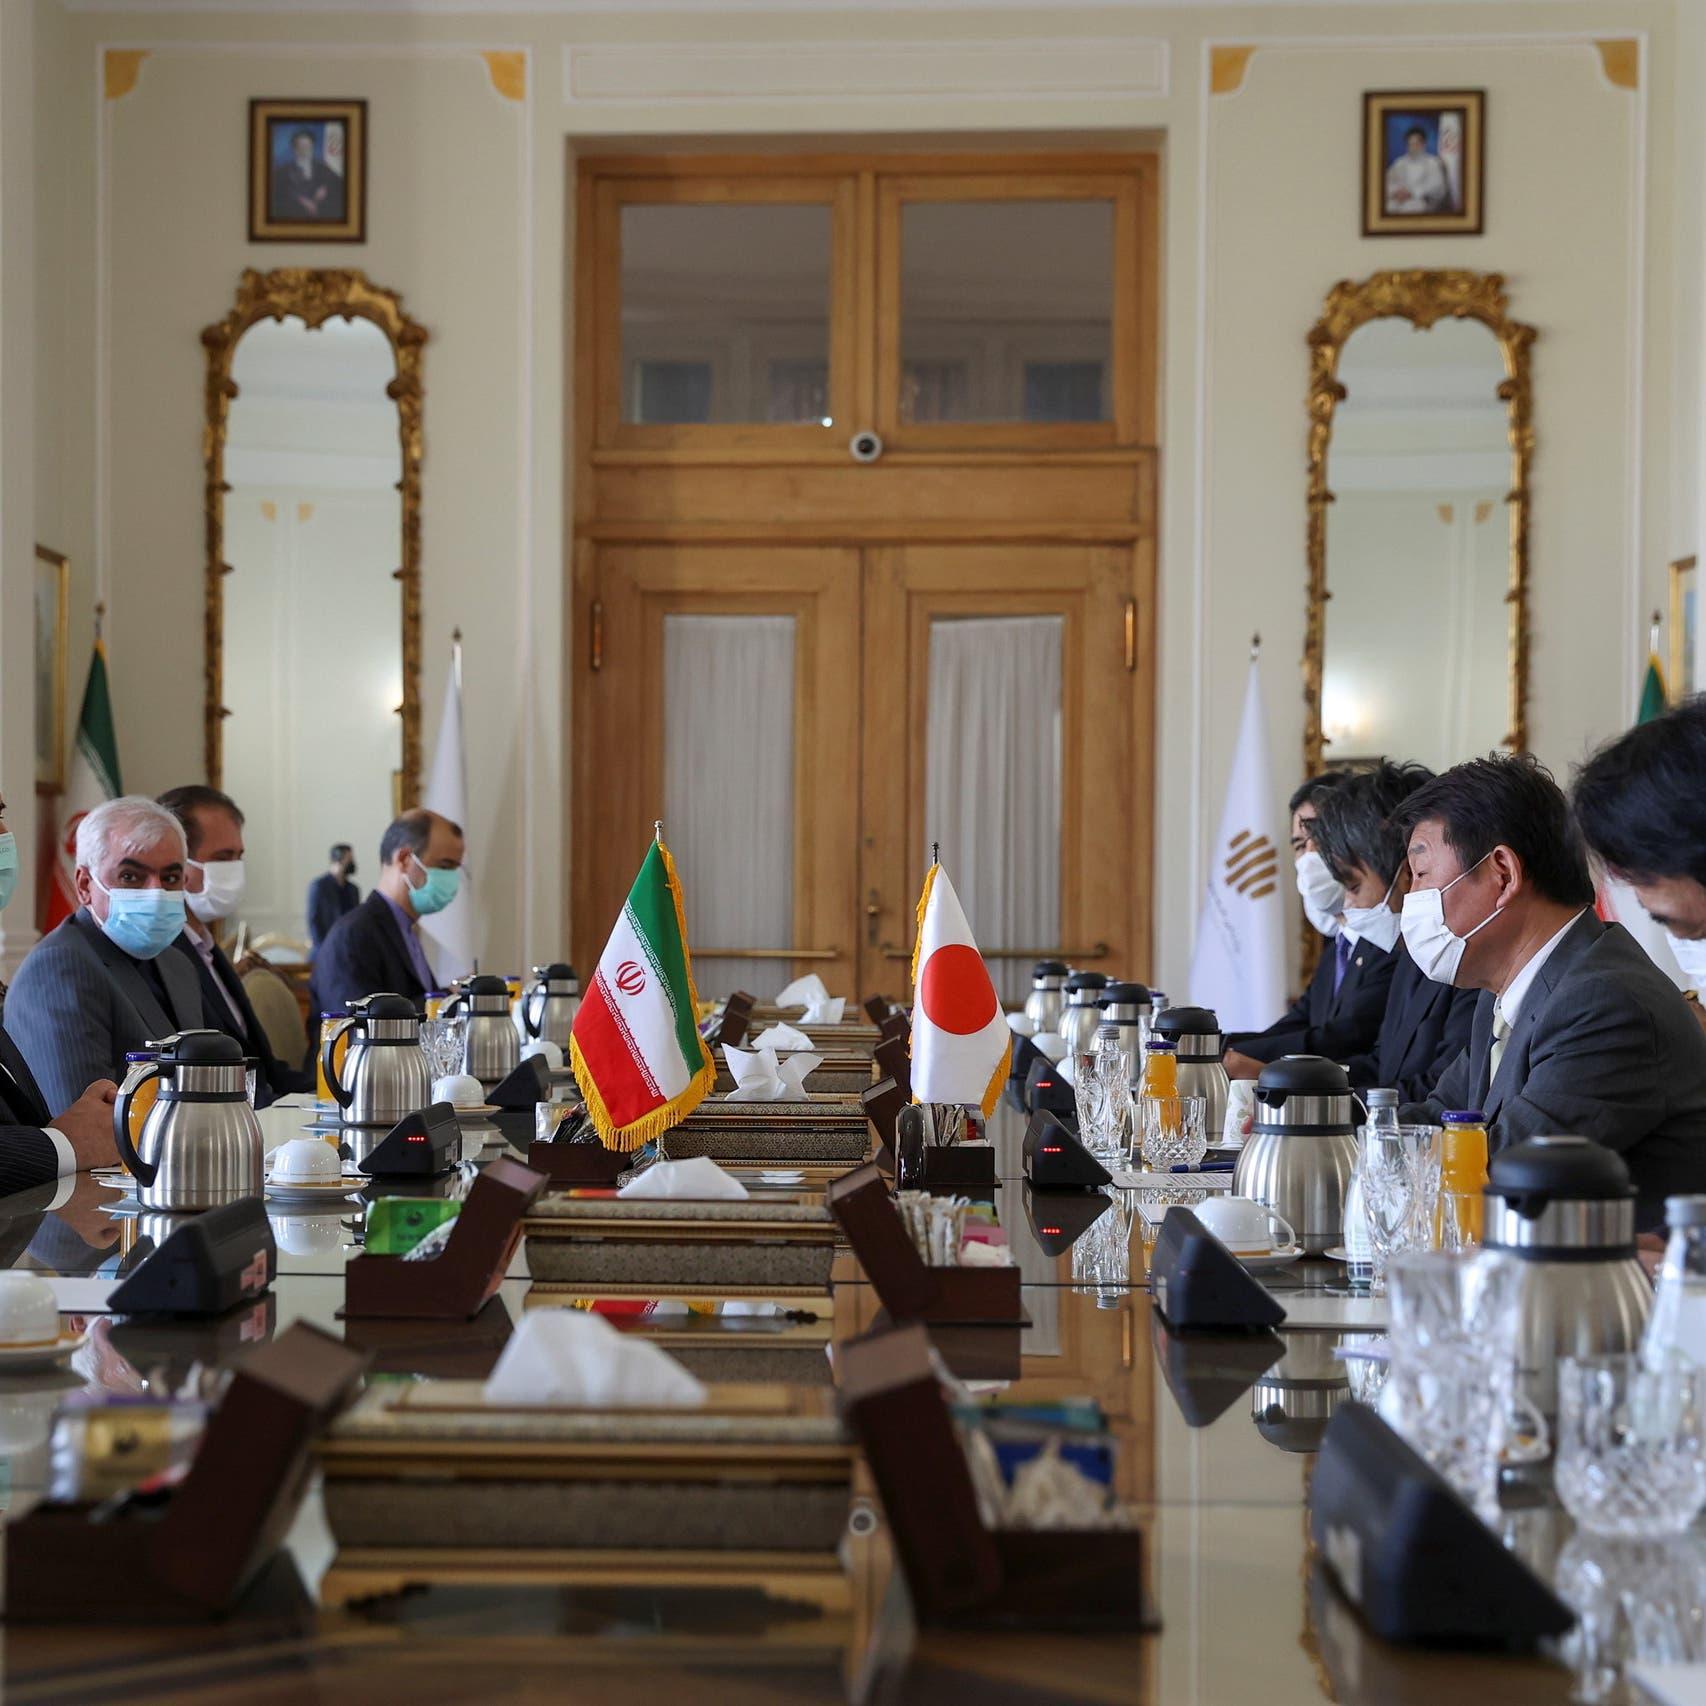 إيران تطالب اليابان بالإفراج عن أموالها المجمدة بسبب العقوبات